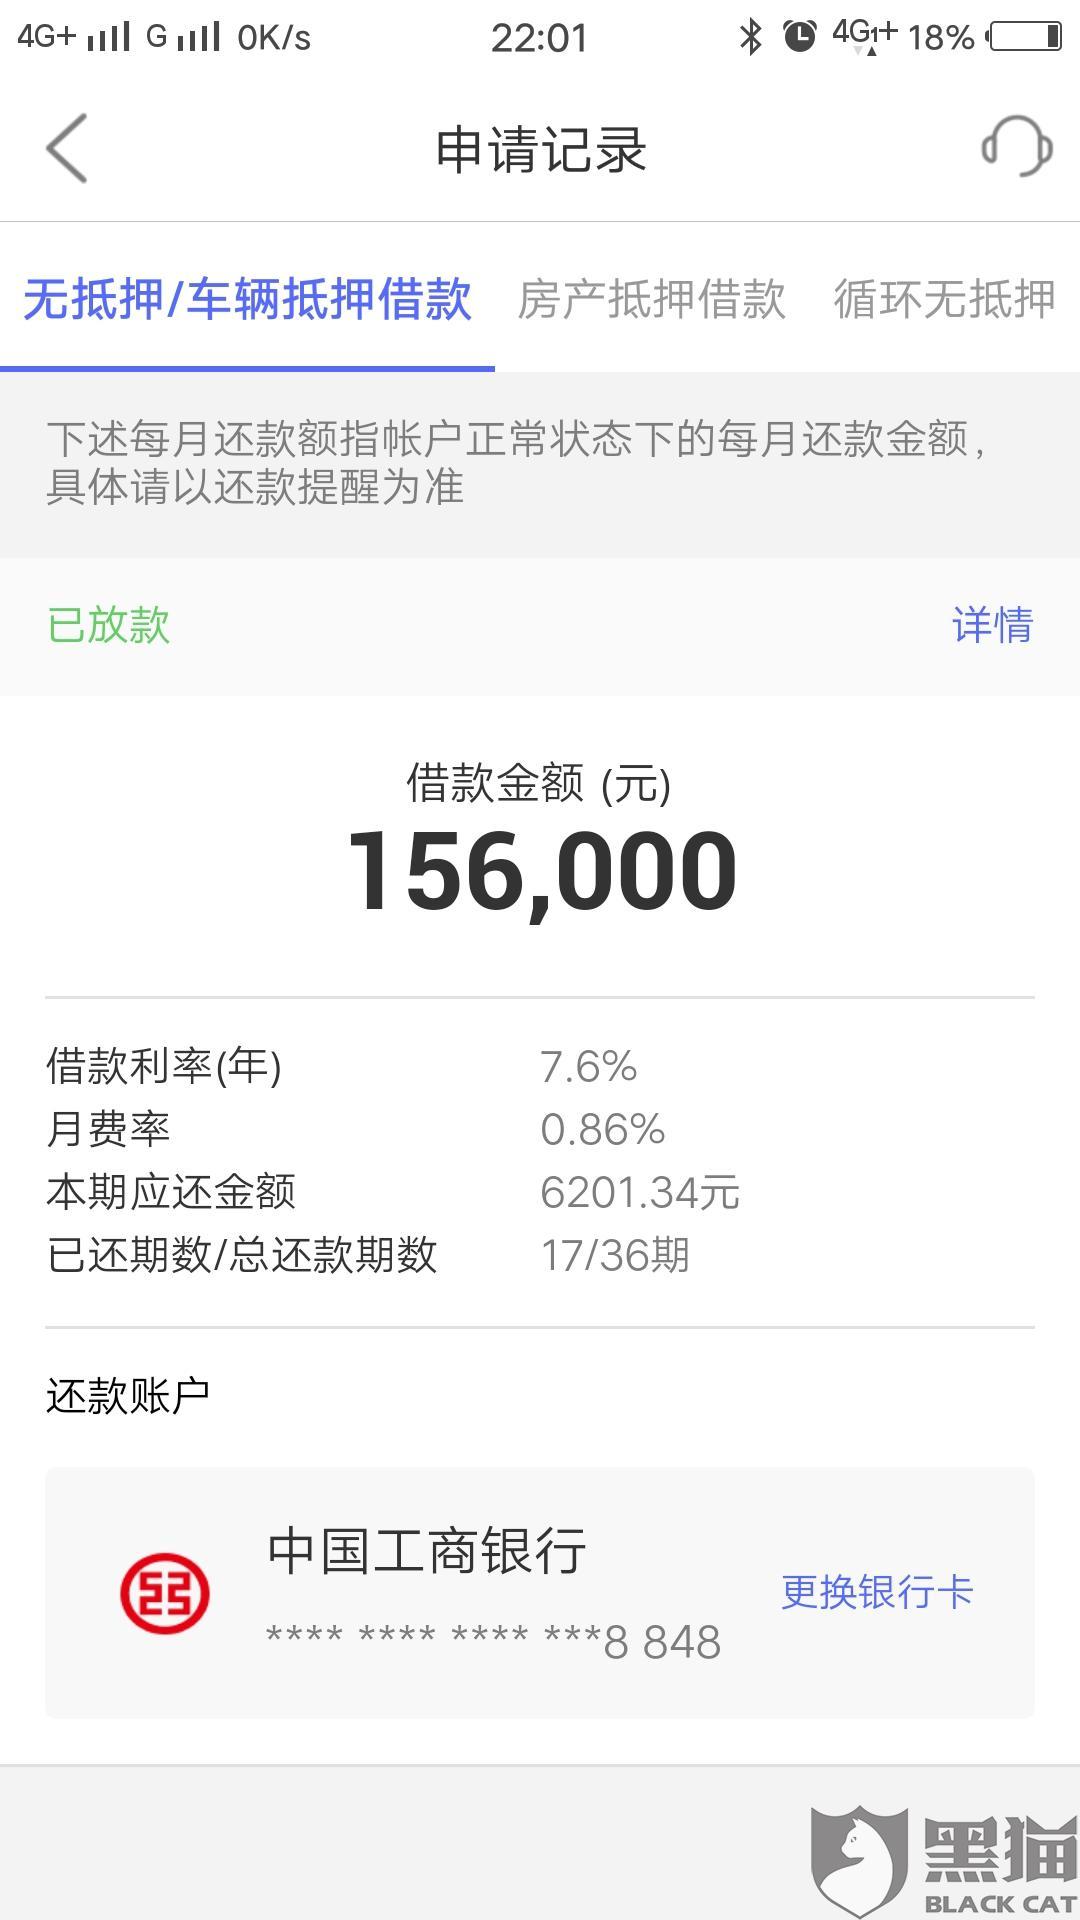 黑猫投诉:平安普惠隐藏高利贷